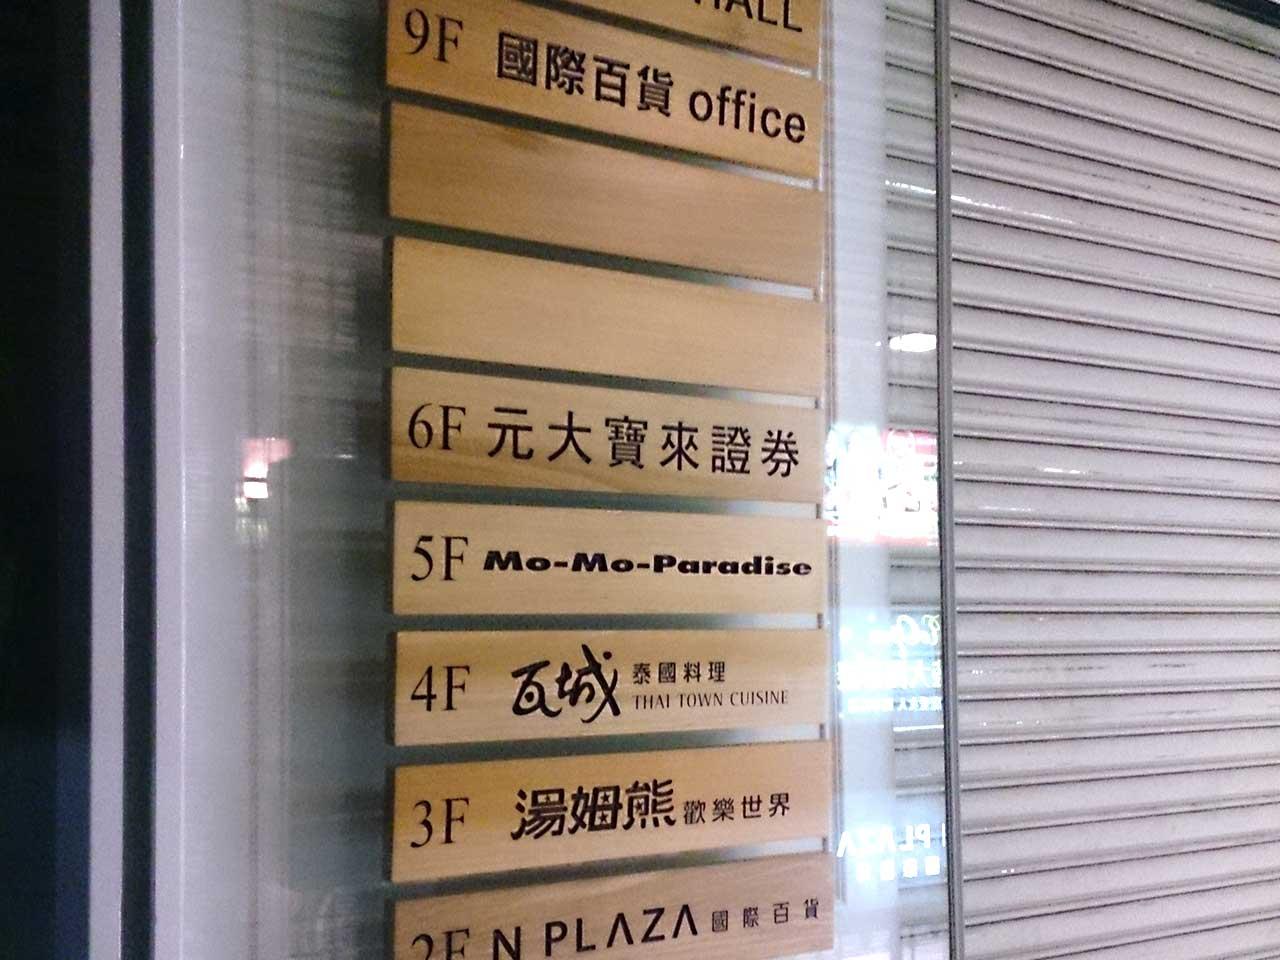 百貨公司專業招牌指示牌製作